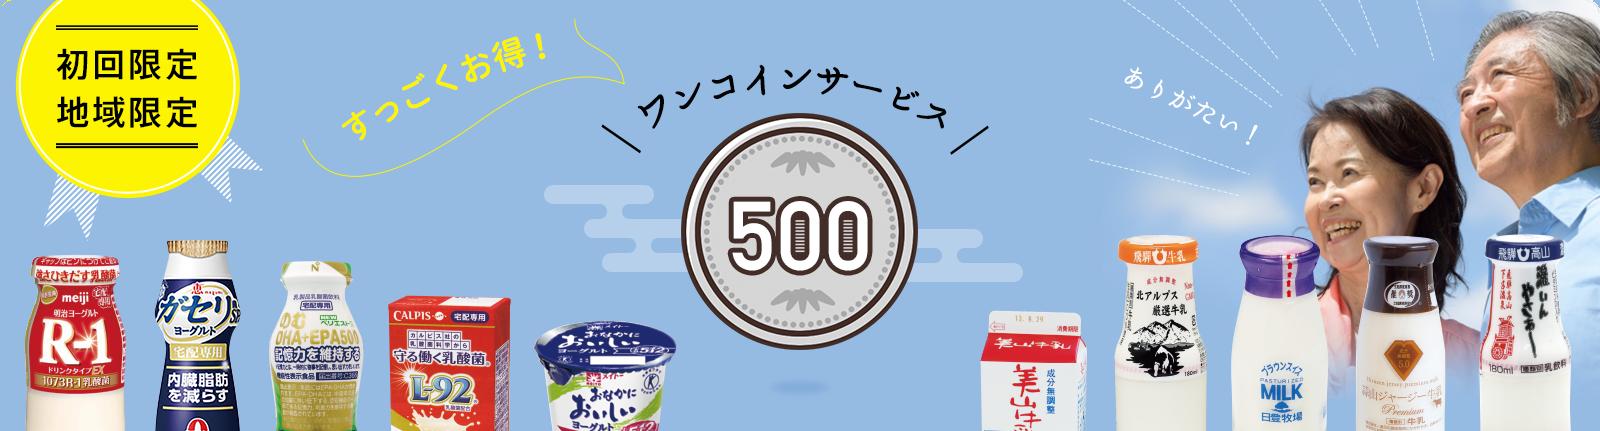 初回限定、地域限定の500円ワンコイン配達サービス